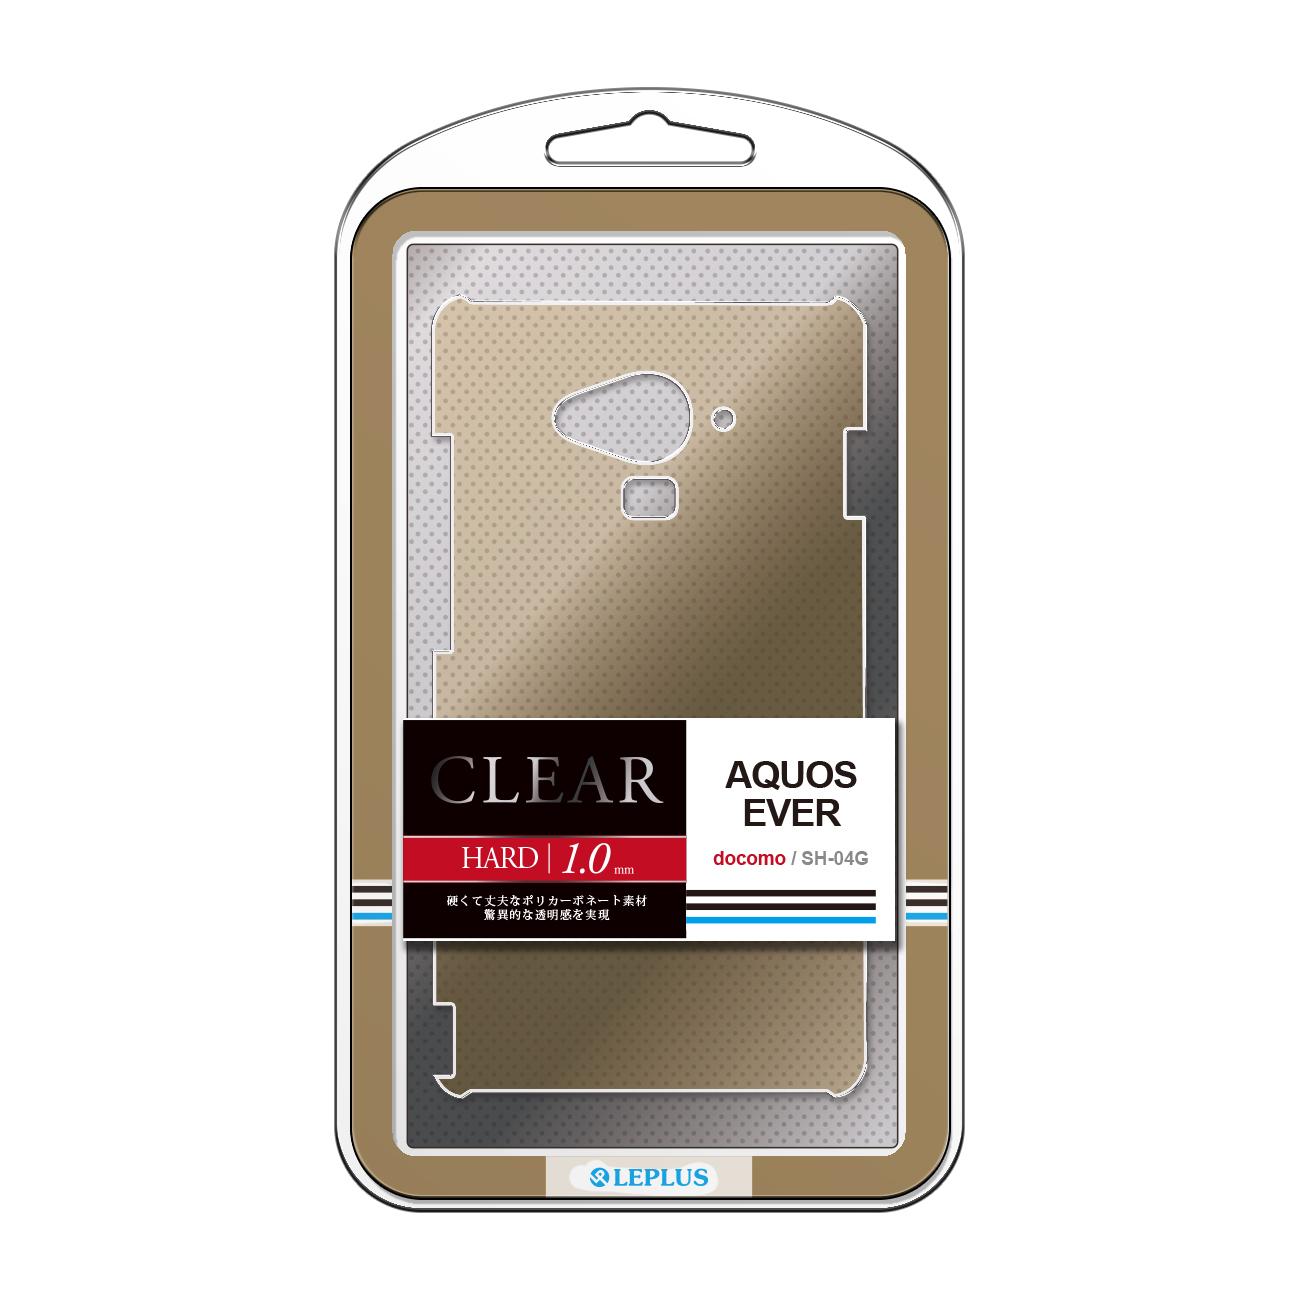 AQUOS EVER SH-04G ハードケース 「CLEAR HARD」 クリアゴールド